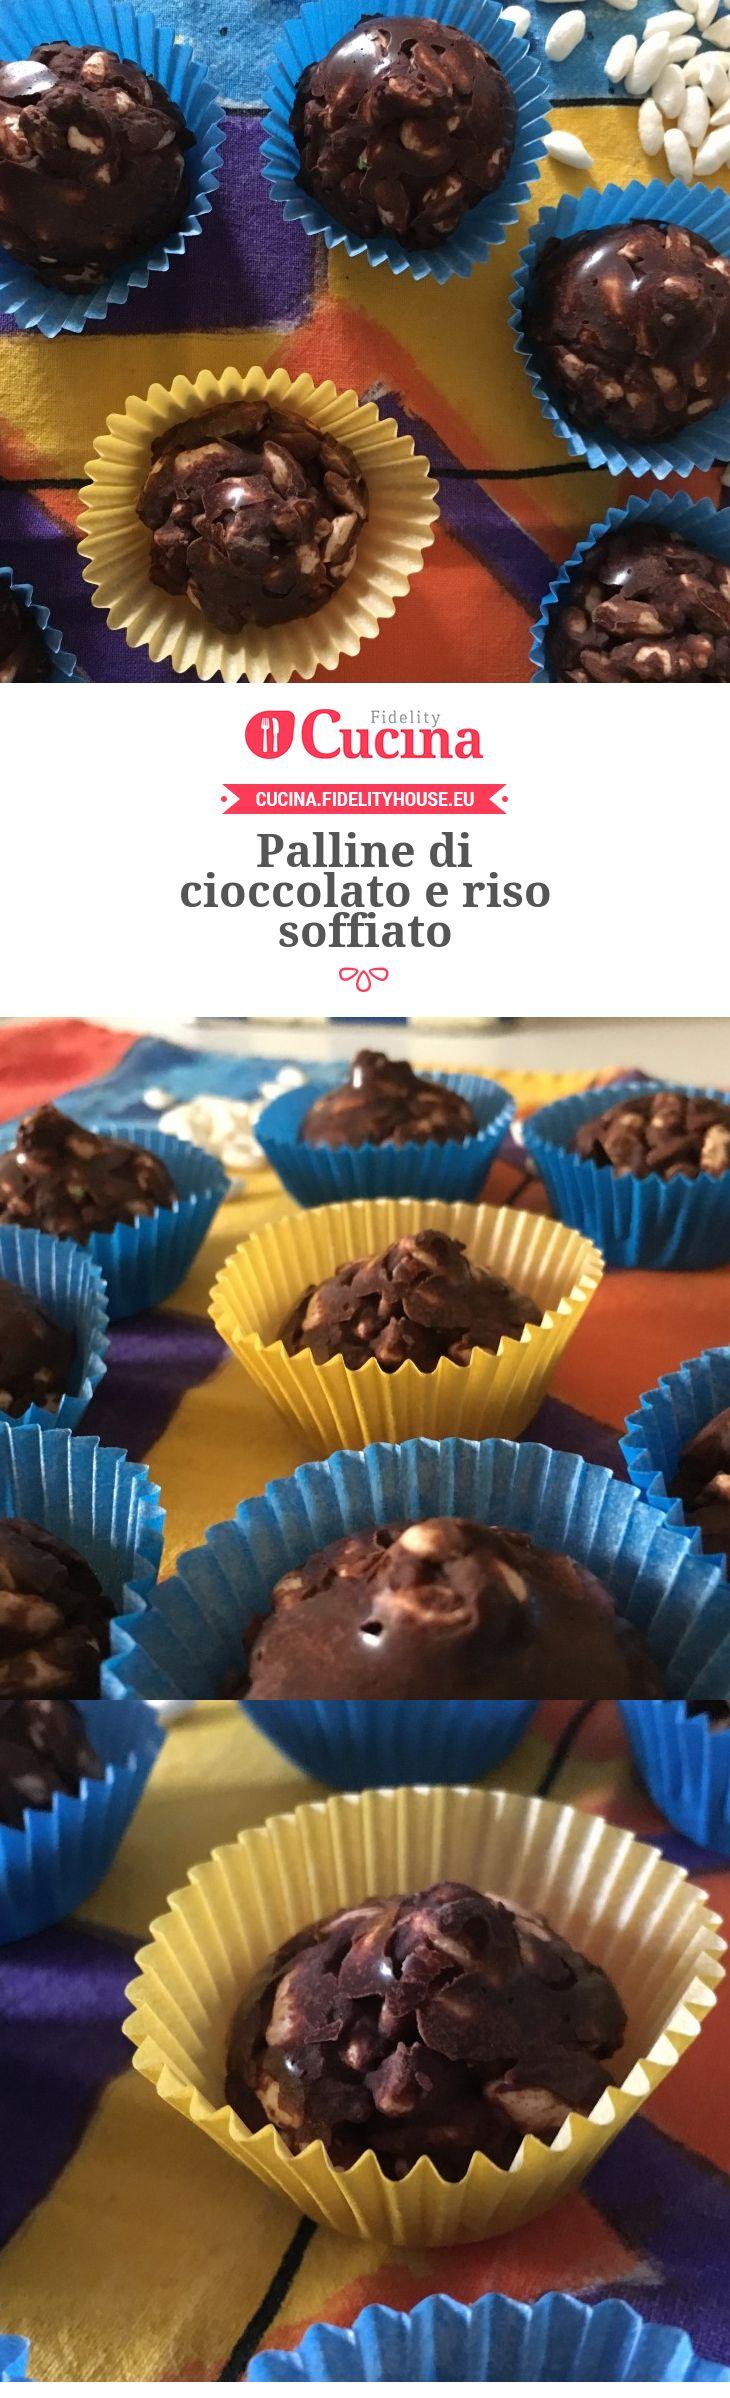 Palline di cioccolato e riso soffiato